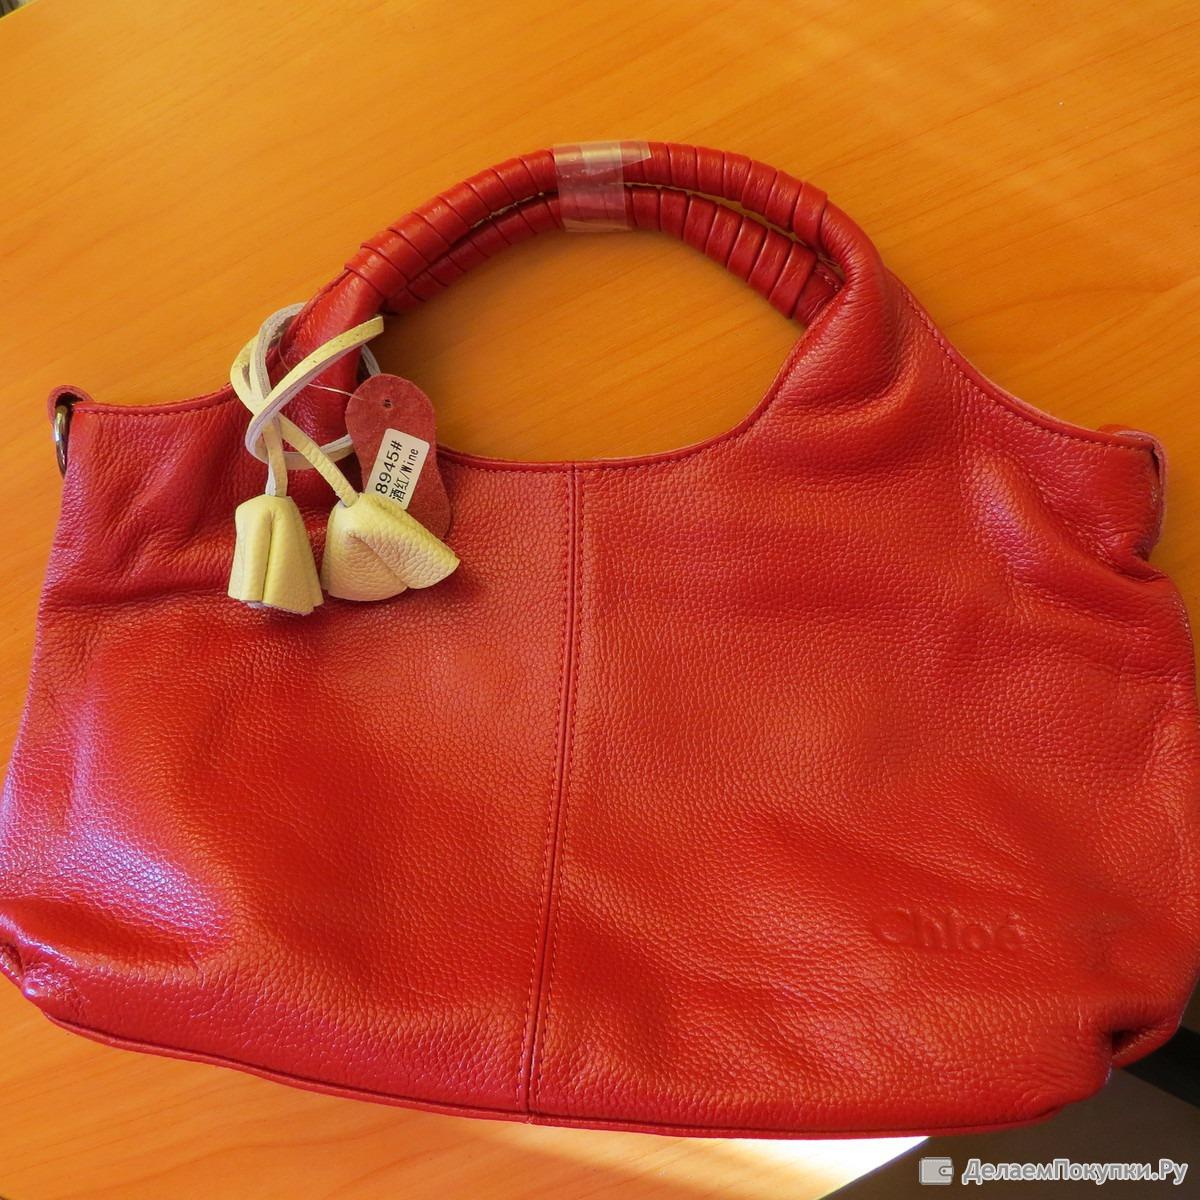 3491120e4905 Реплики женских сумок известных брендов. Эта запись связана с закупкой